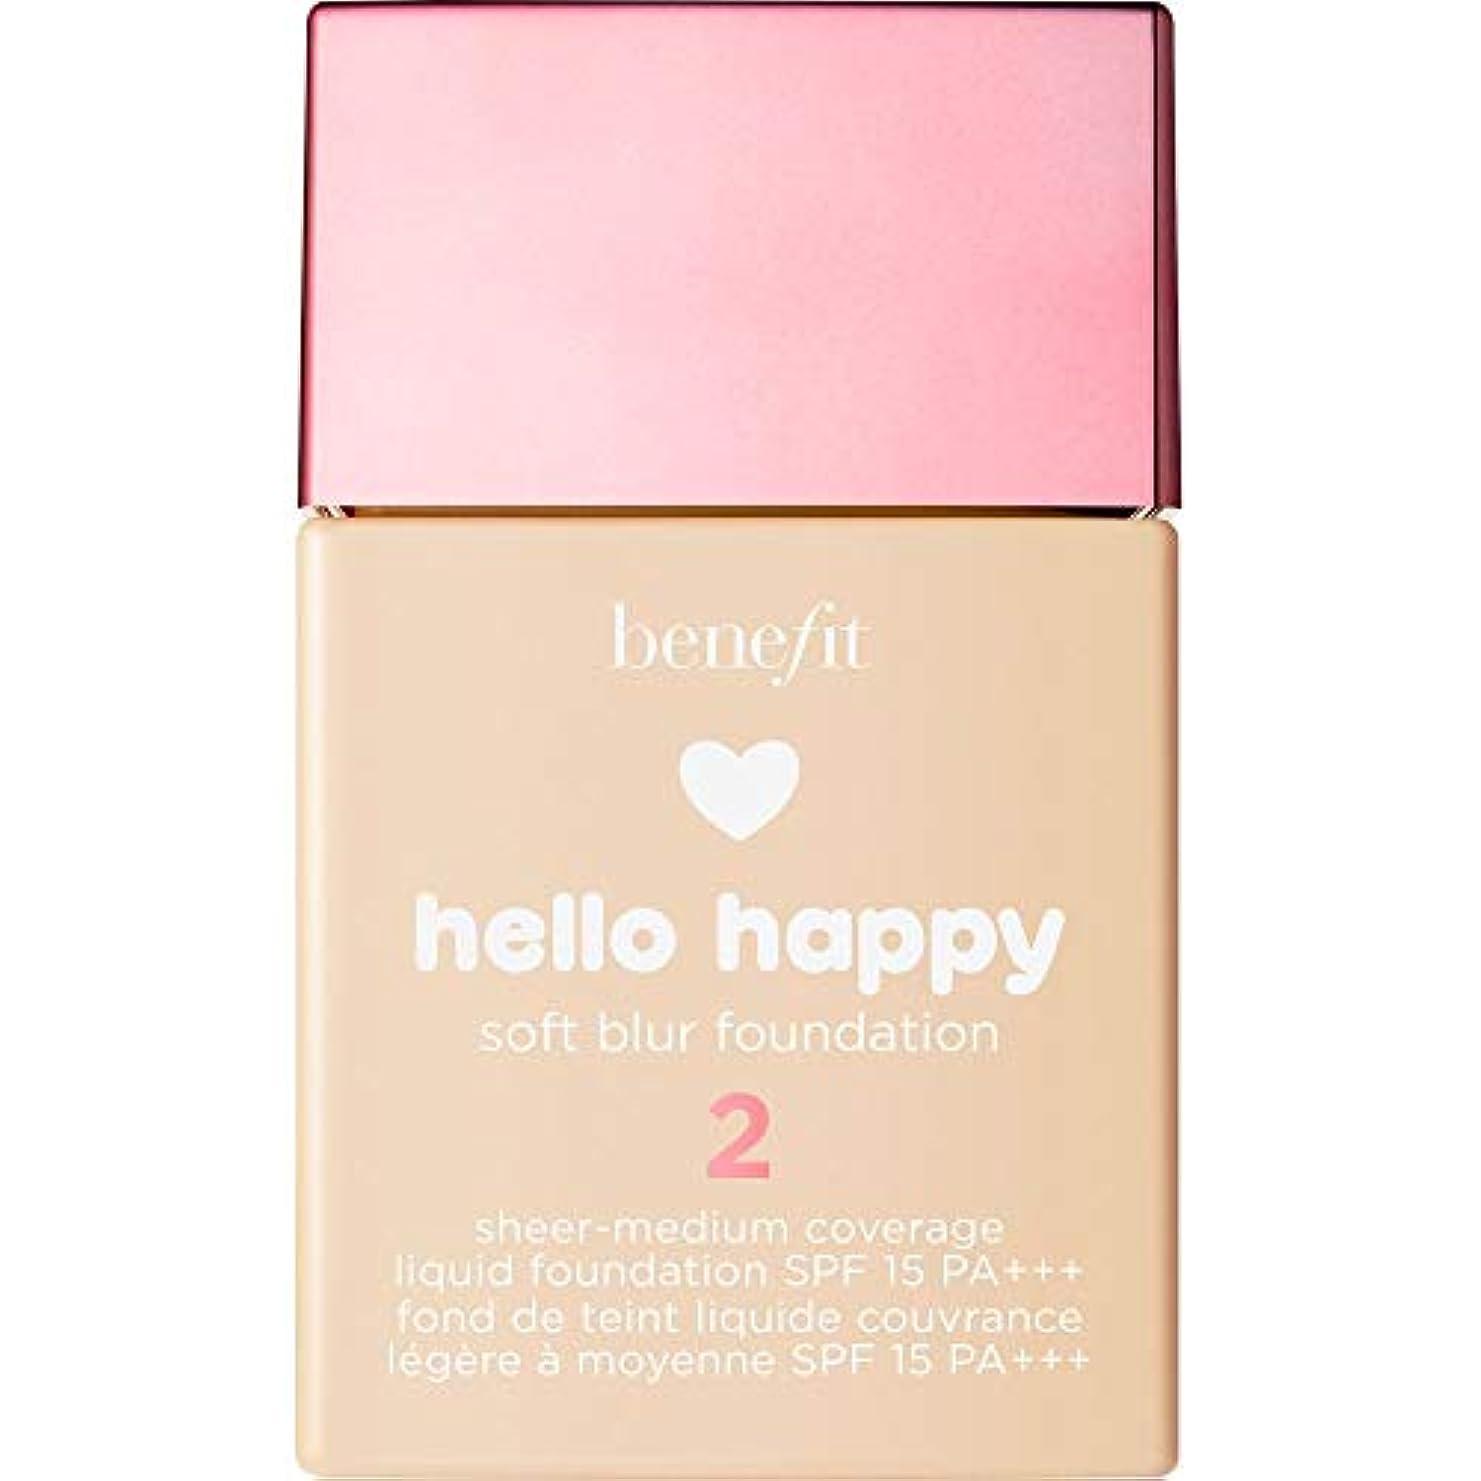 を必要としています財政時間とともに[Benefit ] こんにちは幸せなソフトブラー基礎Spf15 30ミリリットル2に利益をもたらす - 暖かい光 - Benefit Hello Happy Soft Blur Foundation SPF15 30ml...